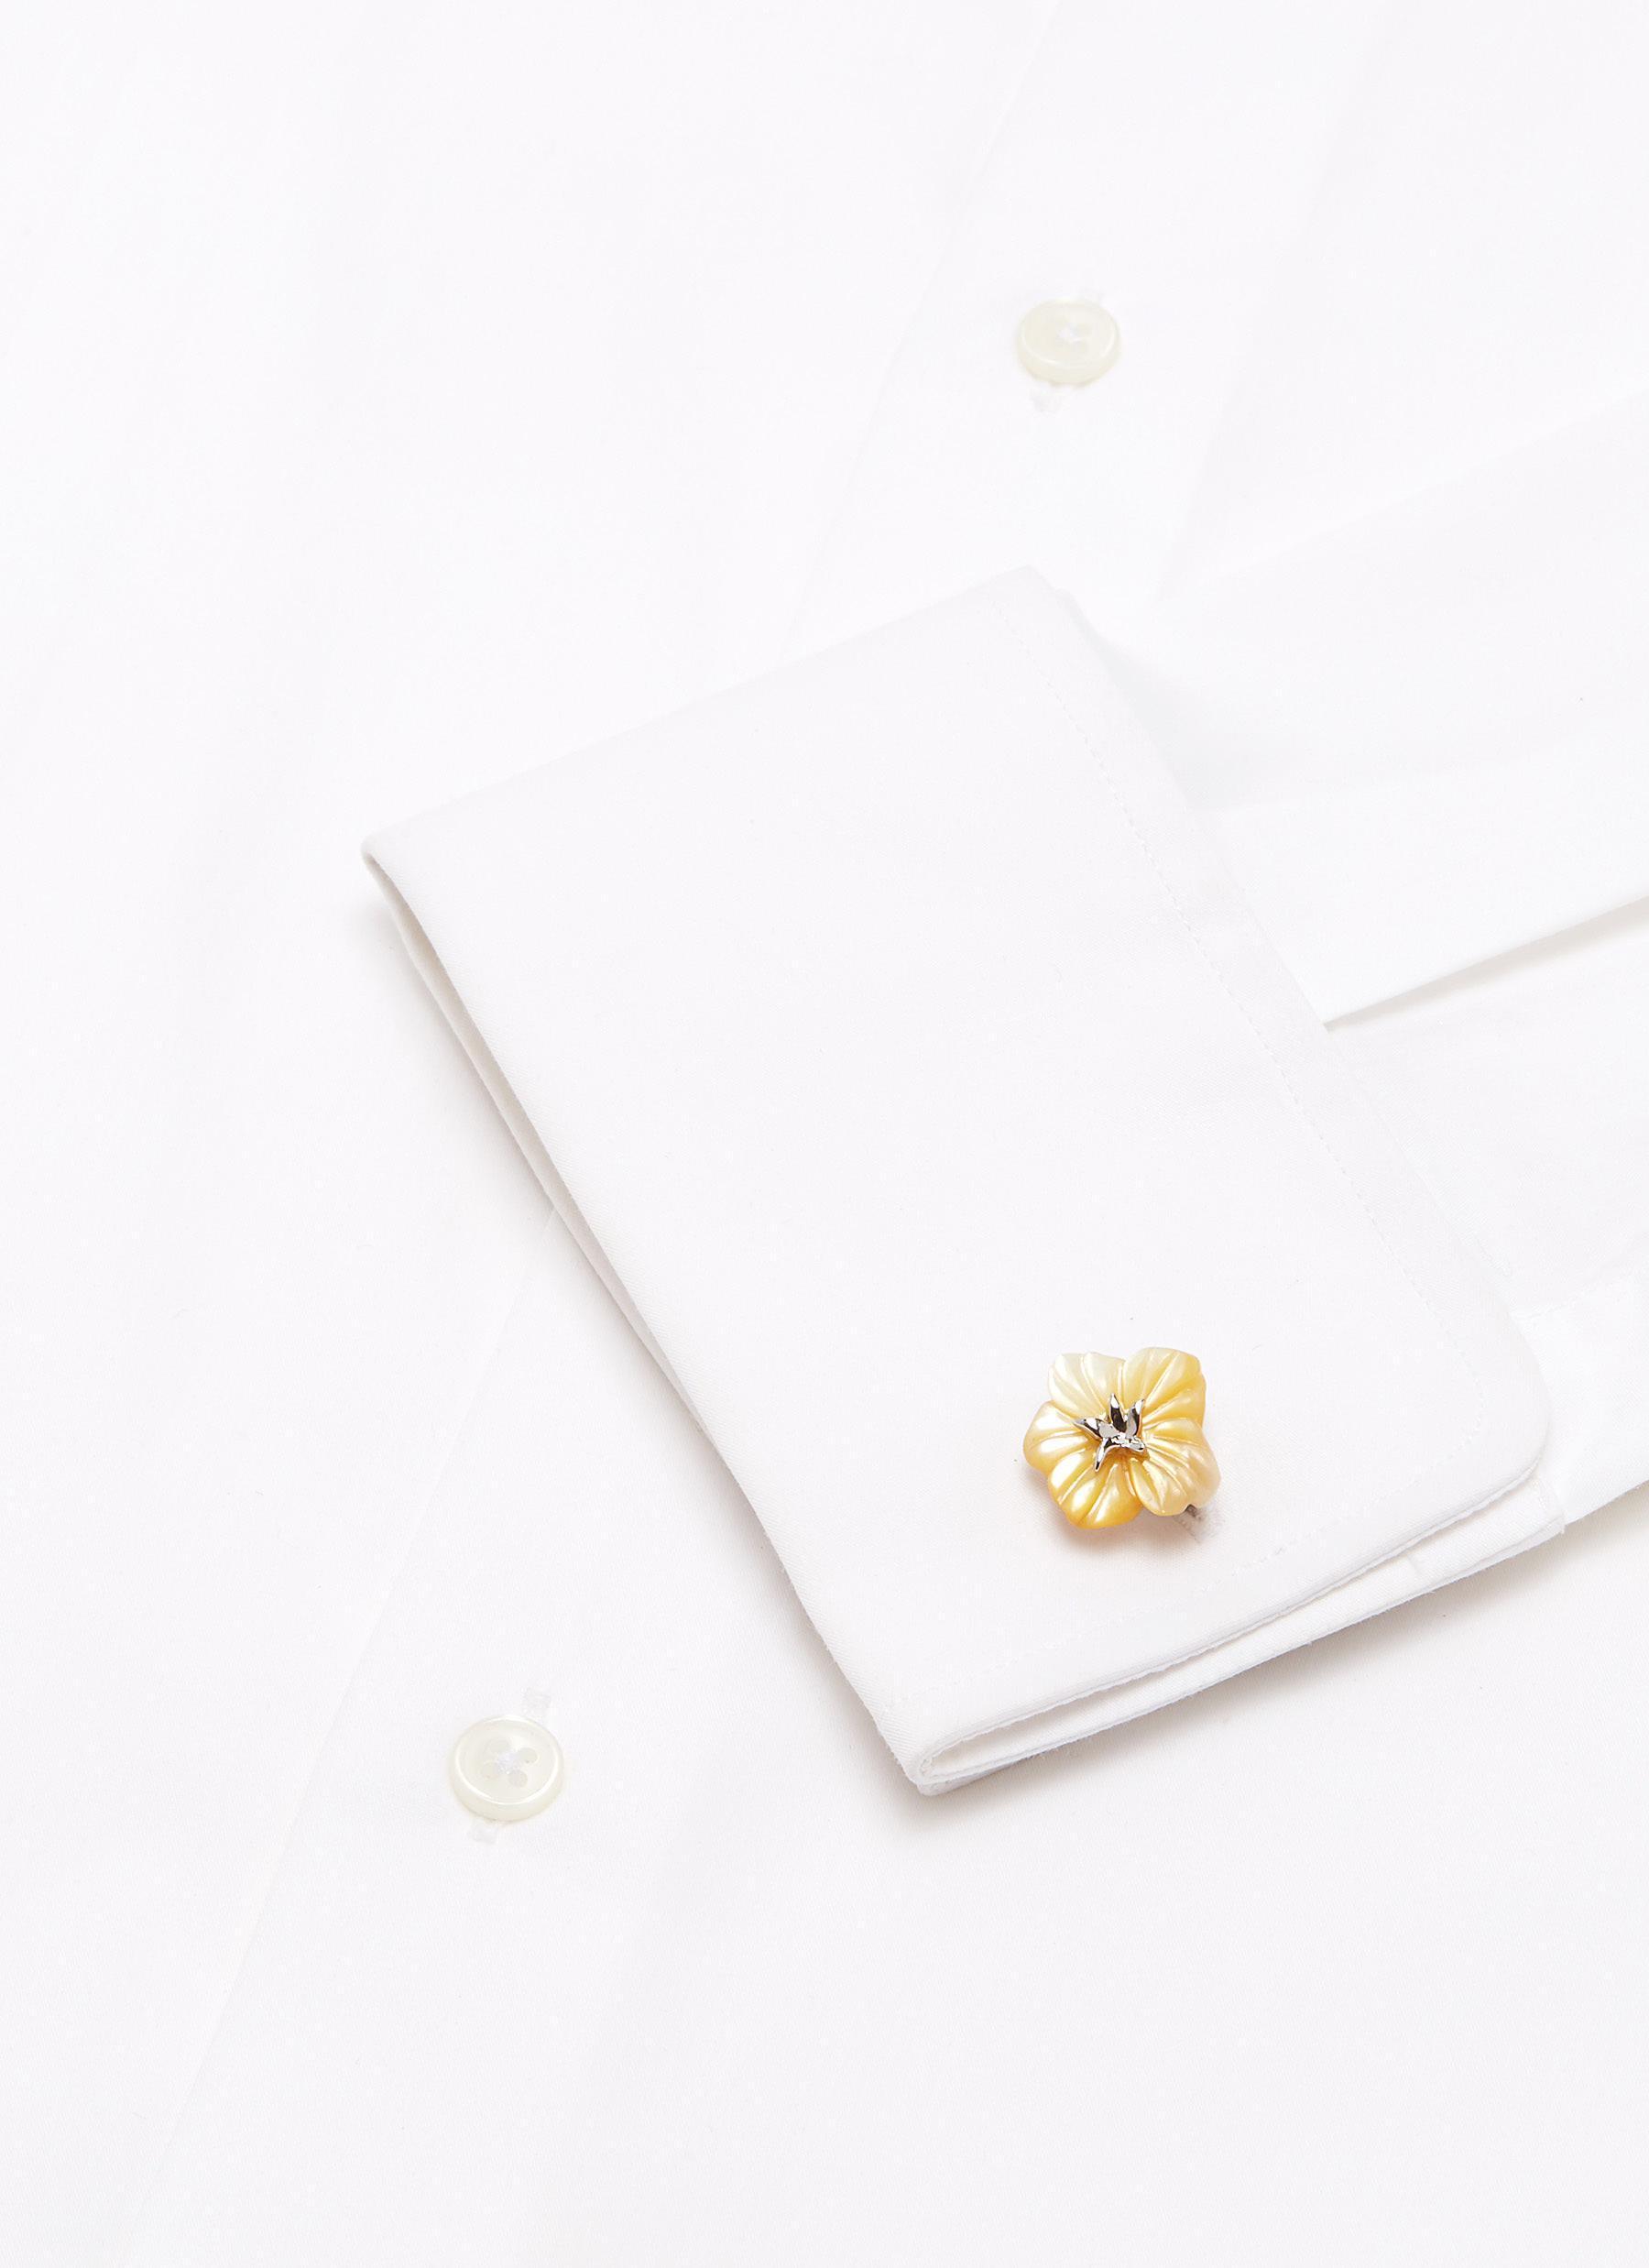 Babette Wasserman Rose Origami Square Cufflinks